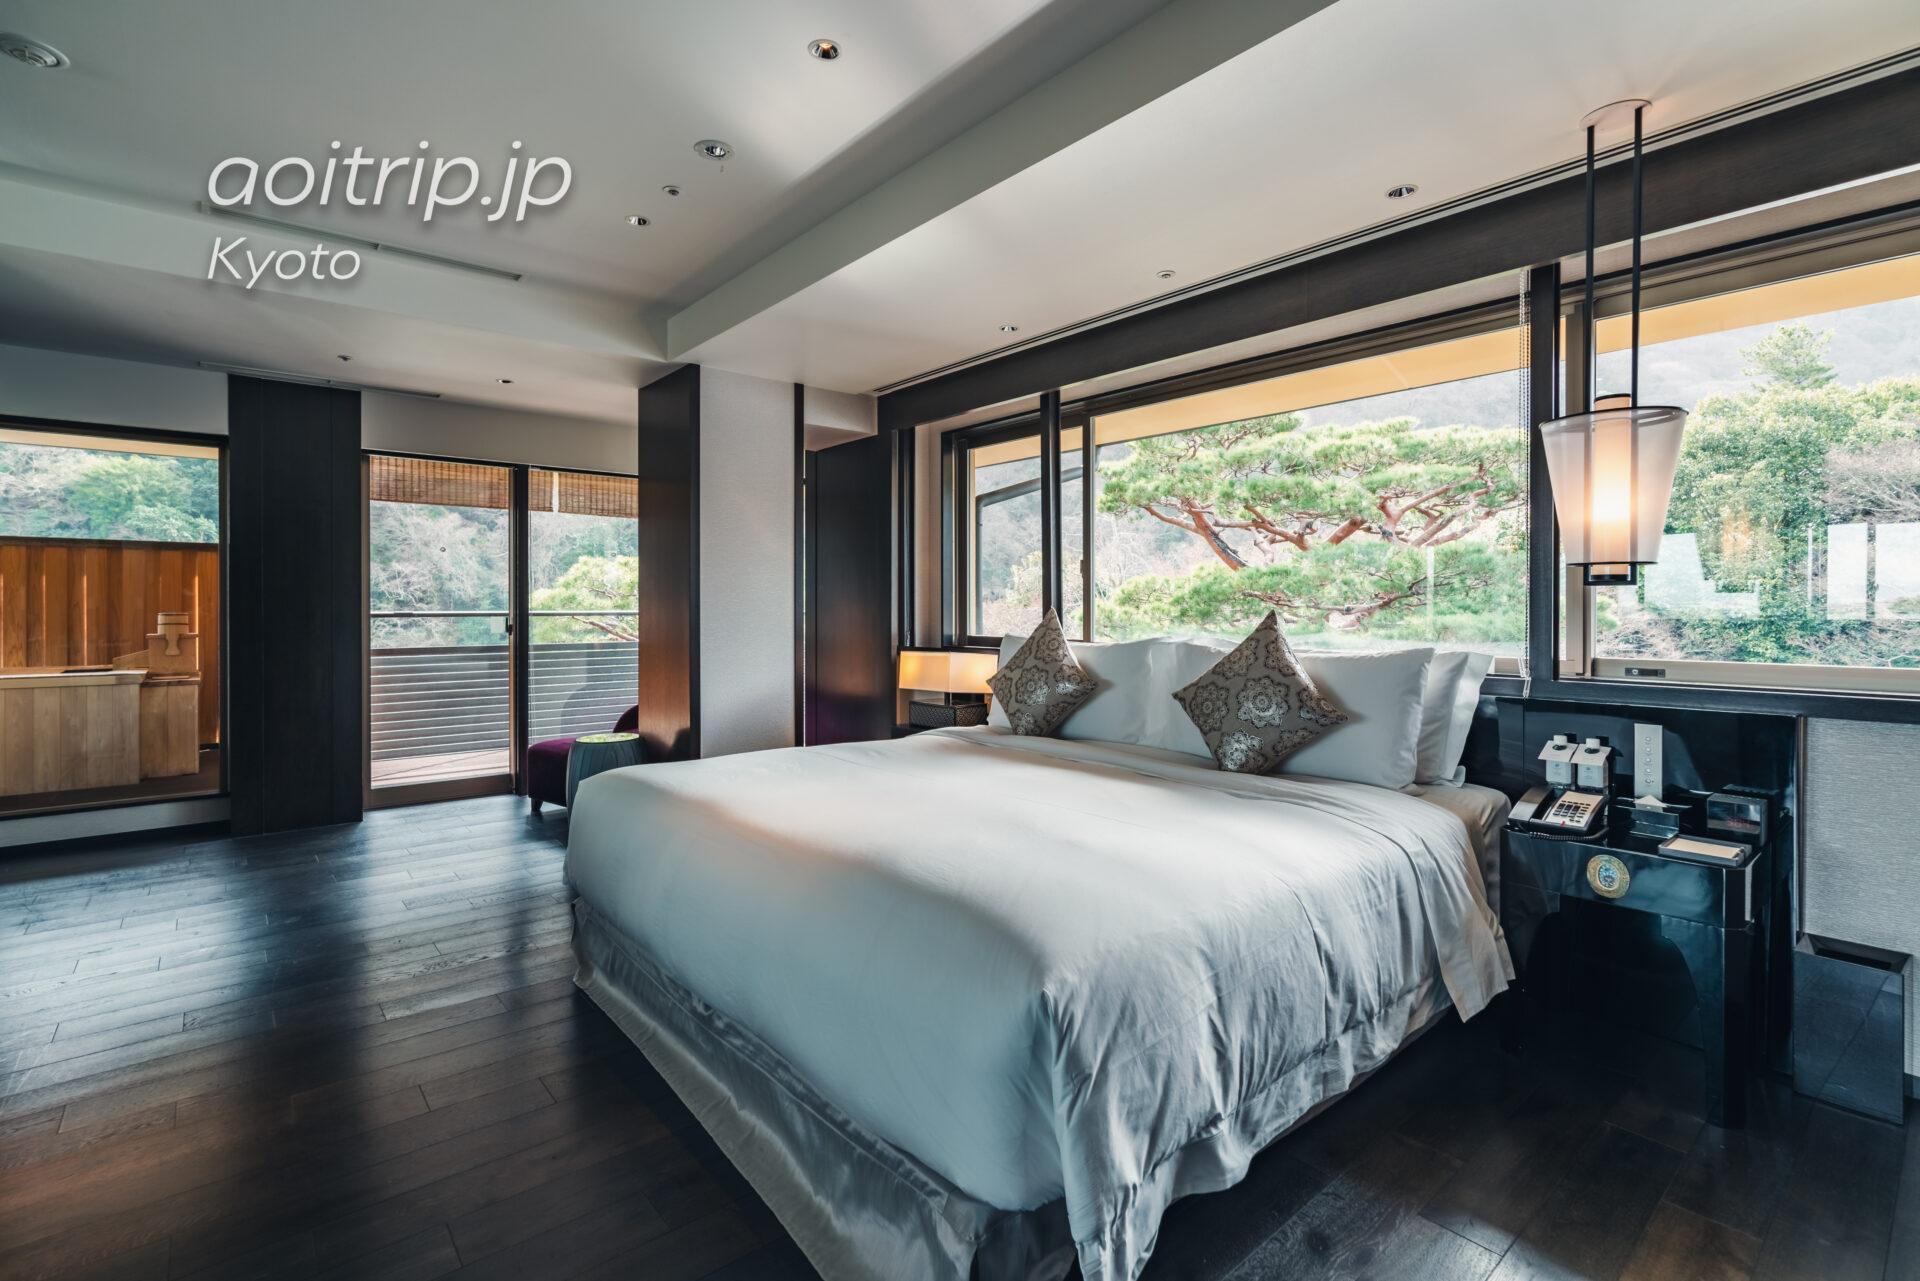 翠嵐(すいらん)プレジデンシャルコーナースイート SUIRAN 1 Bedroom Presidential Suite, 1 King, Hozu River view, Mountain view, Corner room ベッドルーム